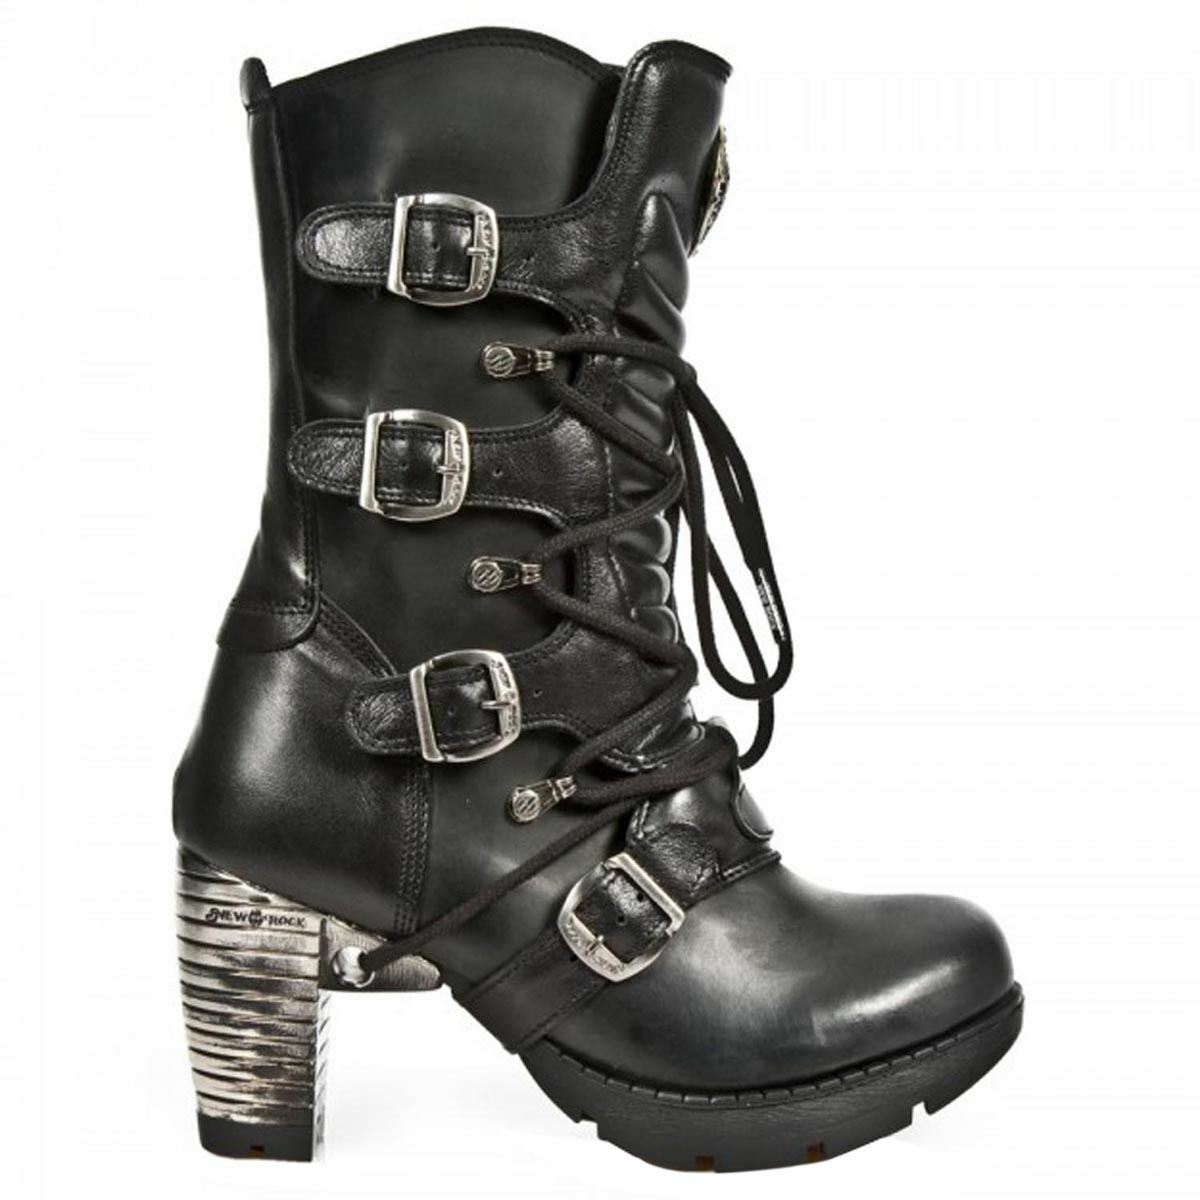 modelo más vendido de Mujeres la marca New Rock Mujeres de Botas gótico negro M TR003 80dfc1